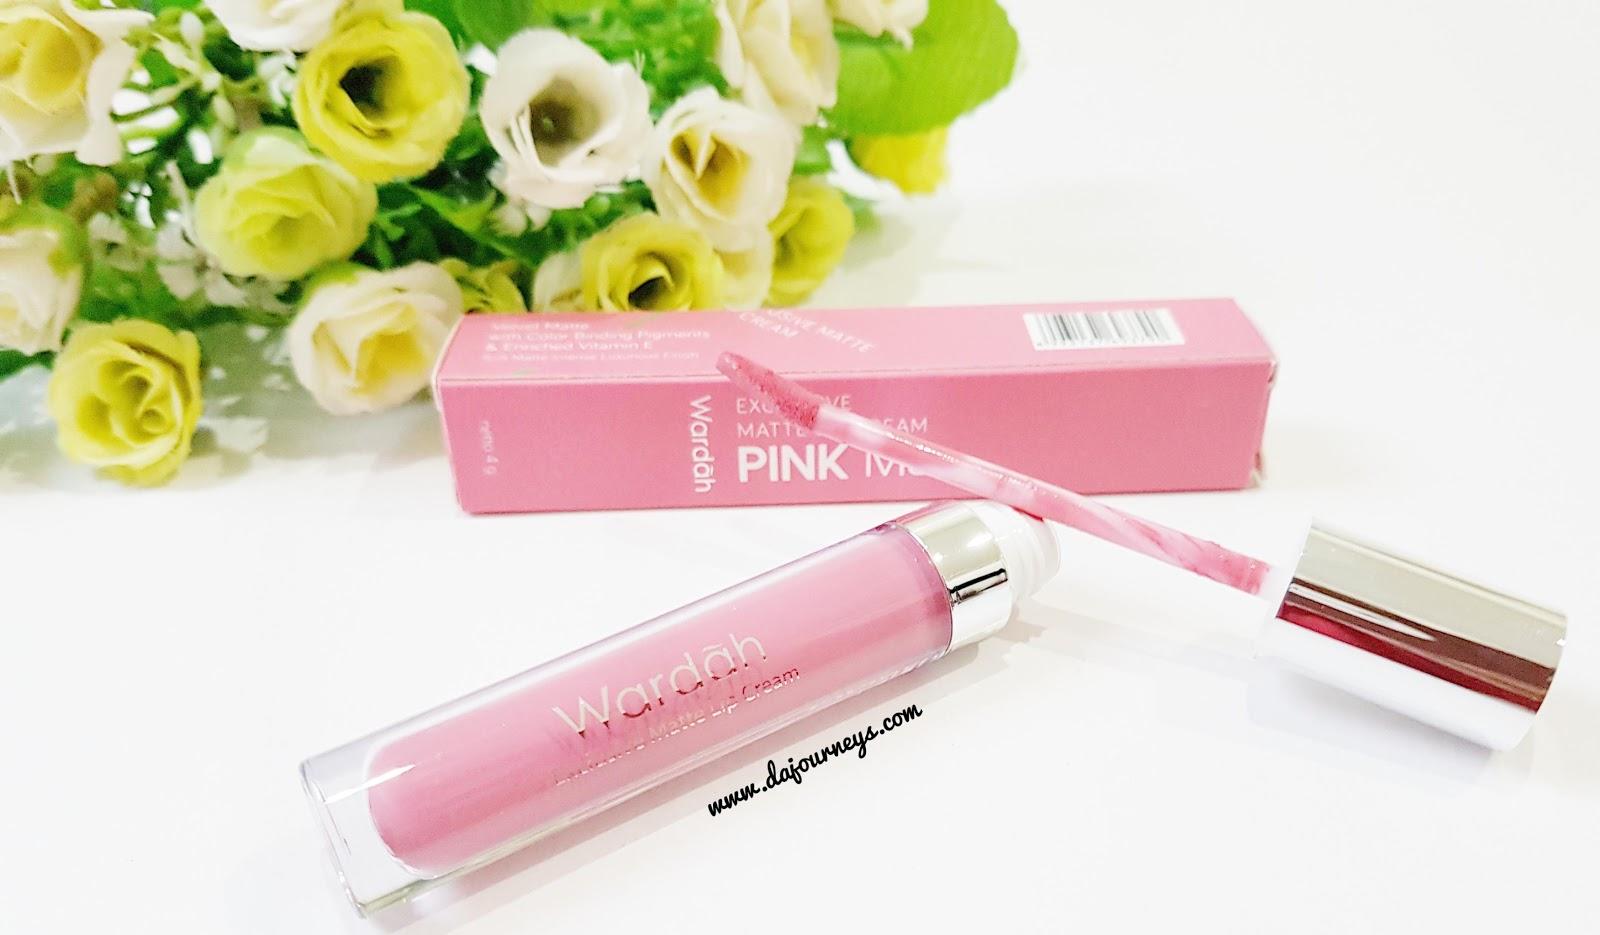 Wardah Exclusive Matte Lip Creamno 04 Pink Me Page 2 Daftar Lipstick Cream Ini Berbentuk Tube Tabung Plastik Transparant Dengan